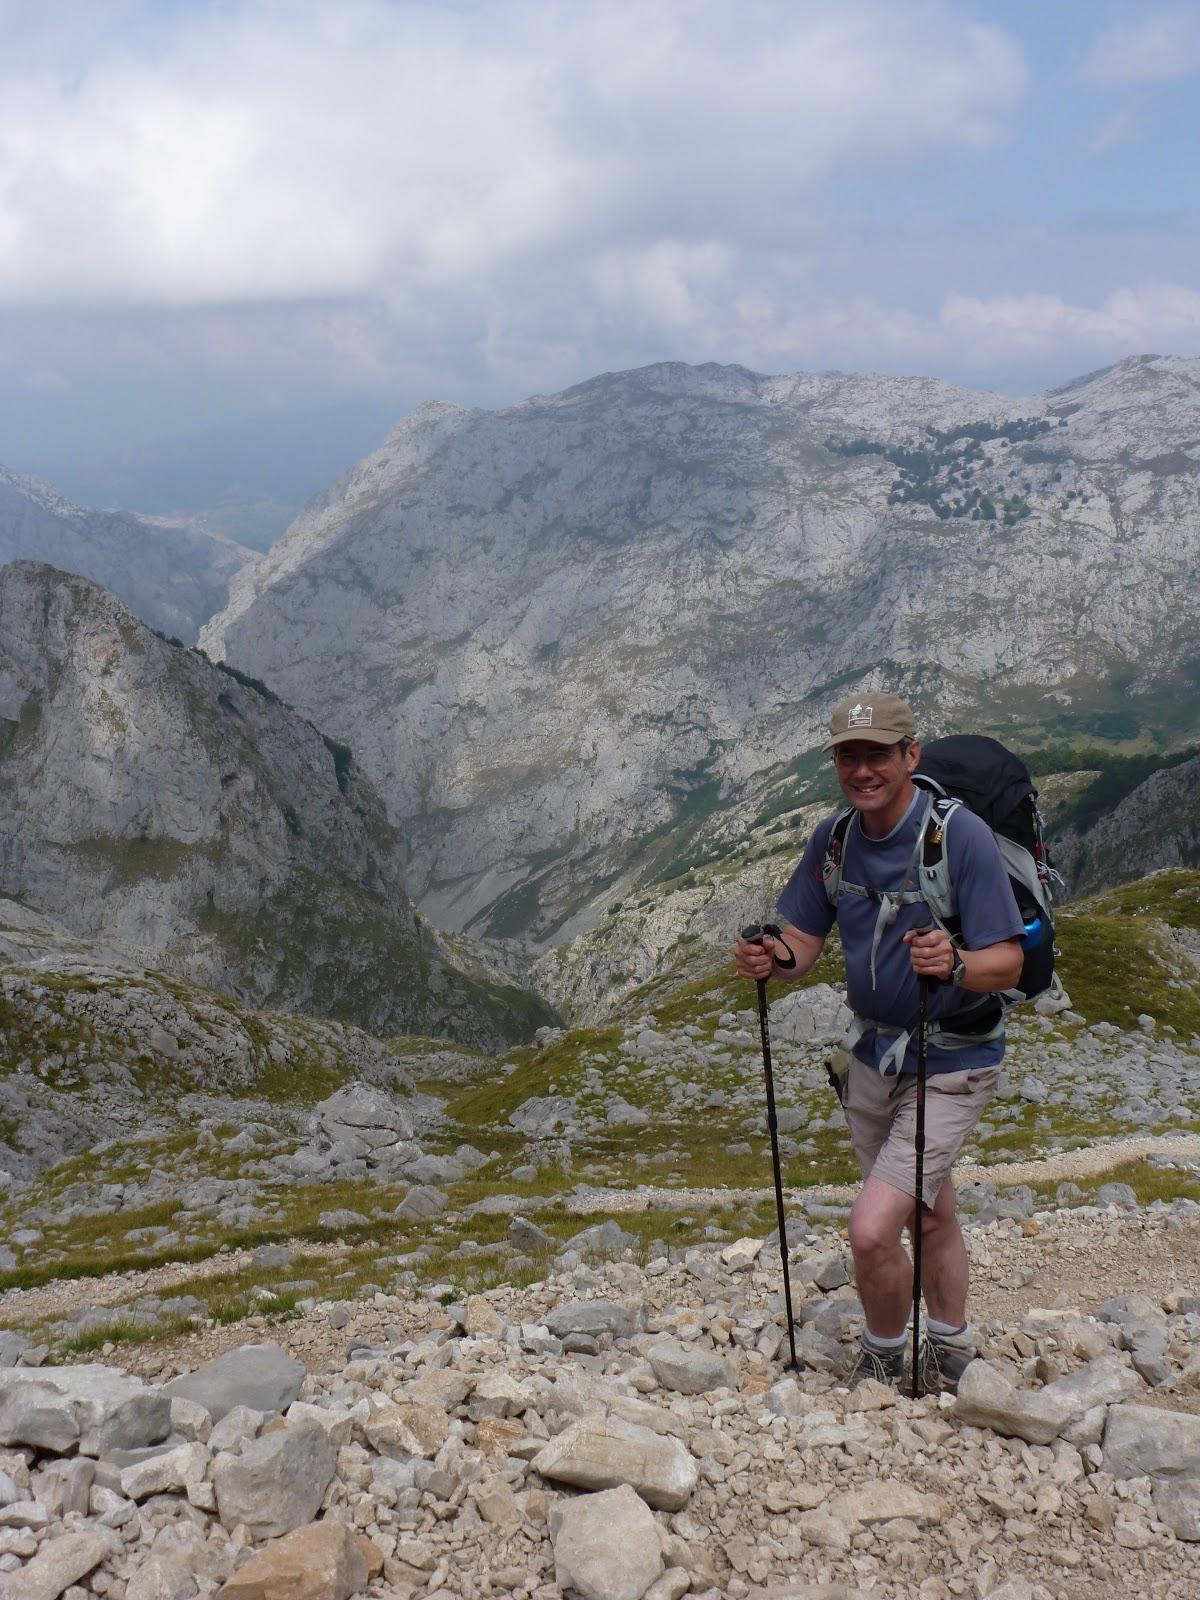 Phil climbing rocky path